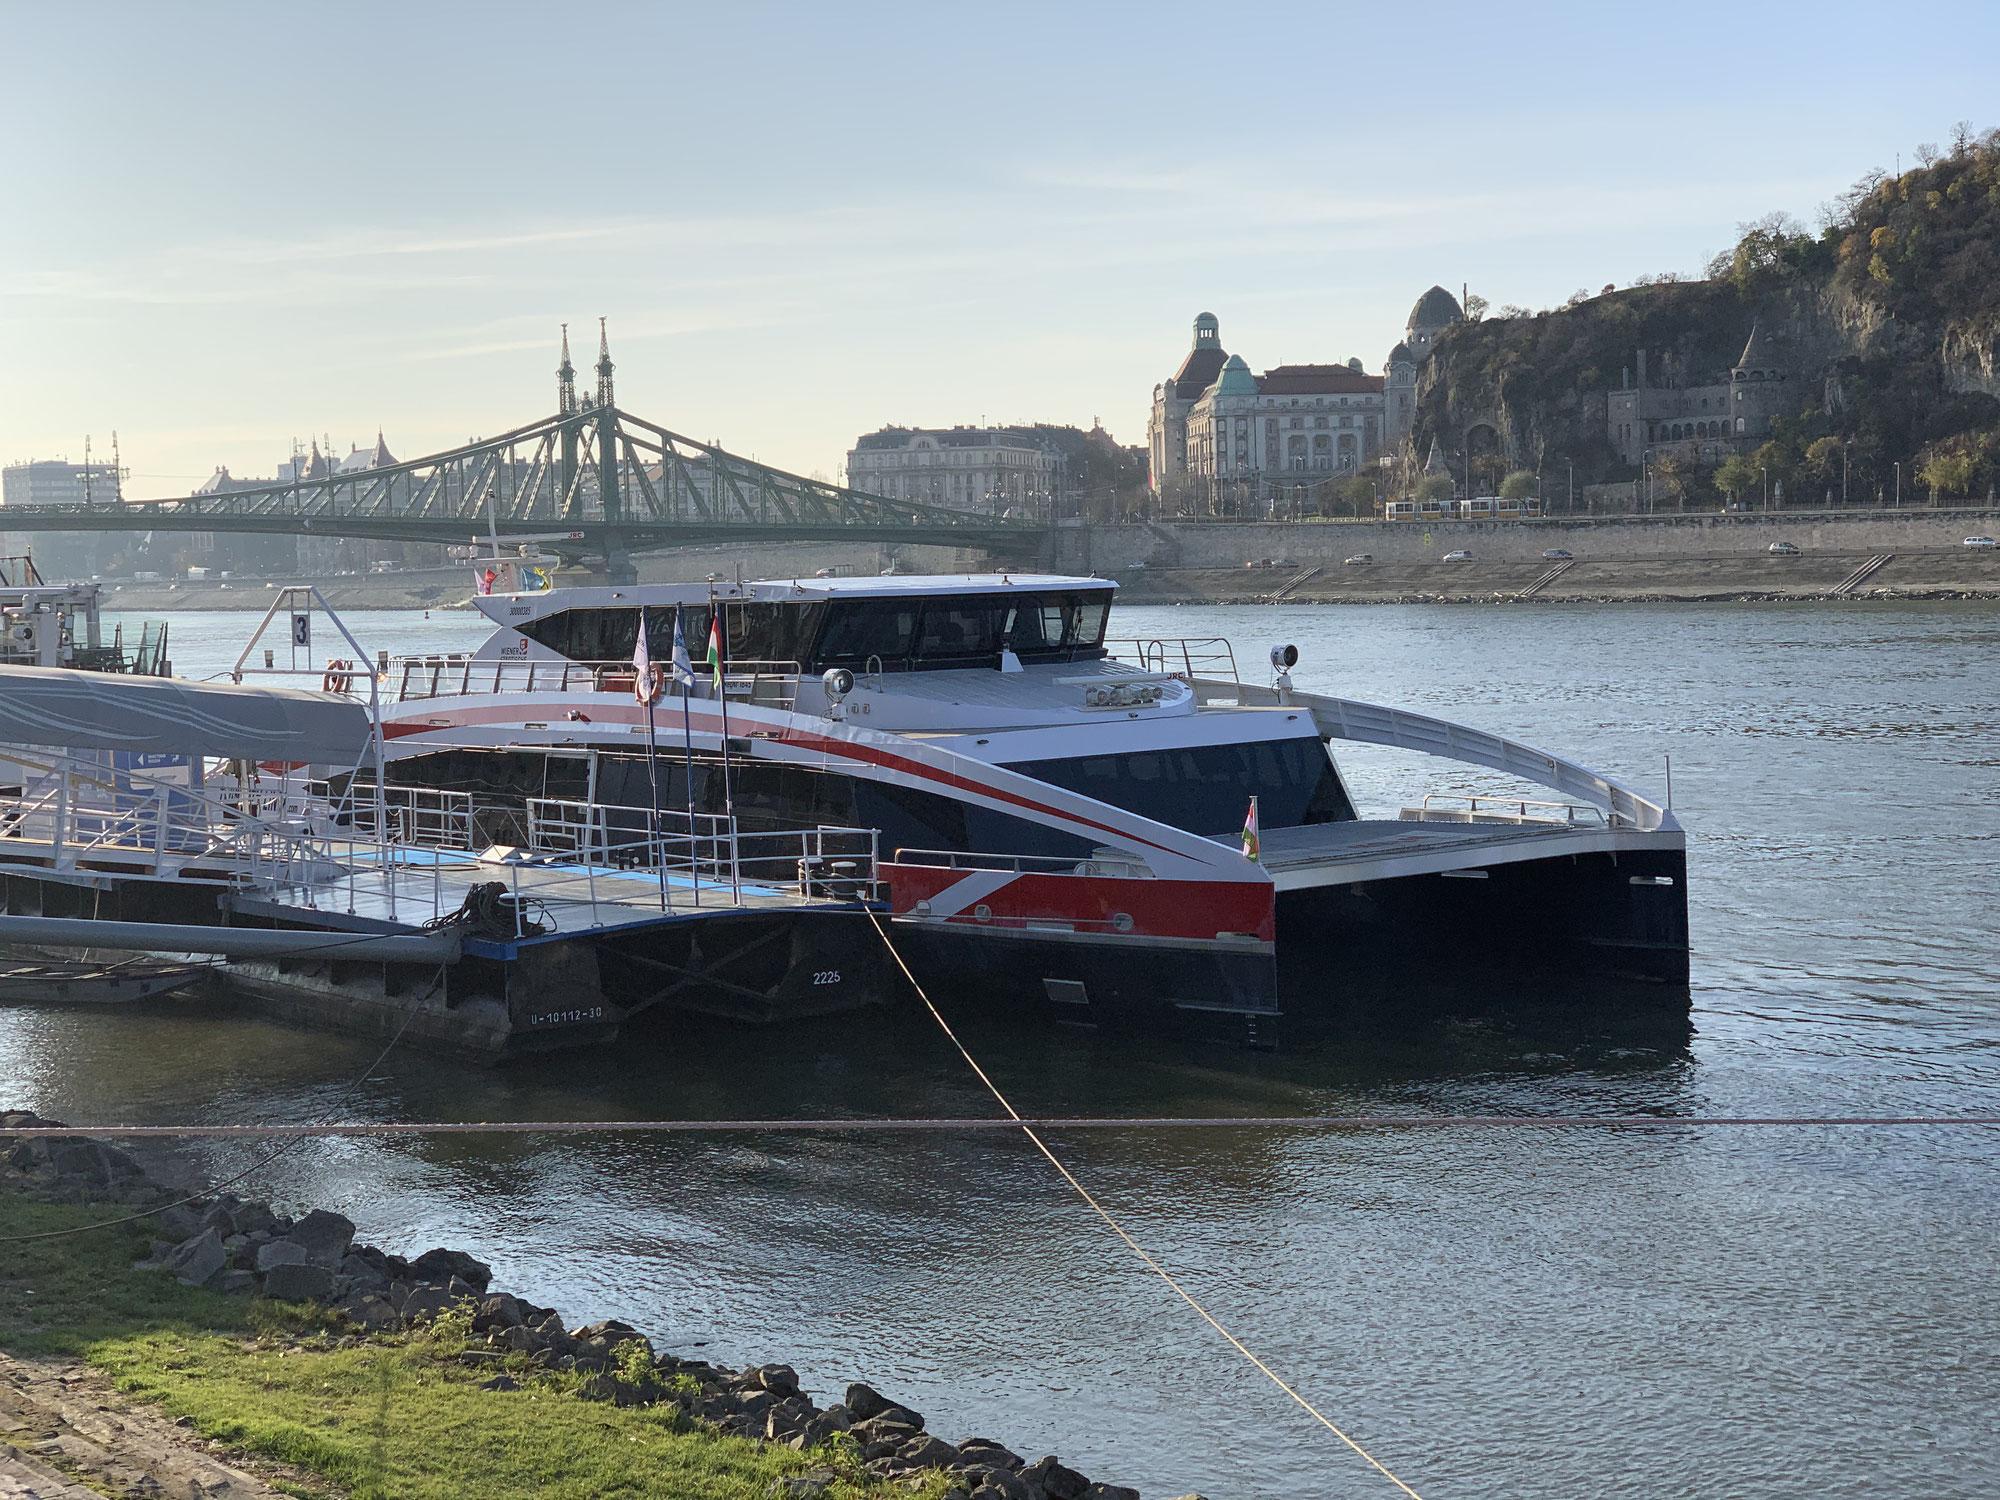 #006 - Podcast: Átjárható fővárosok a Duna-mentén